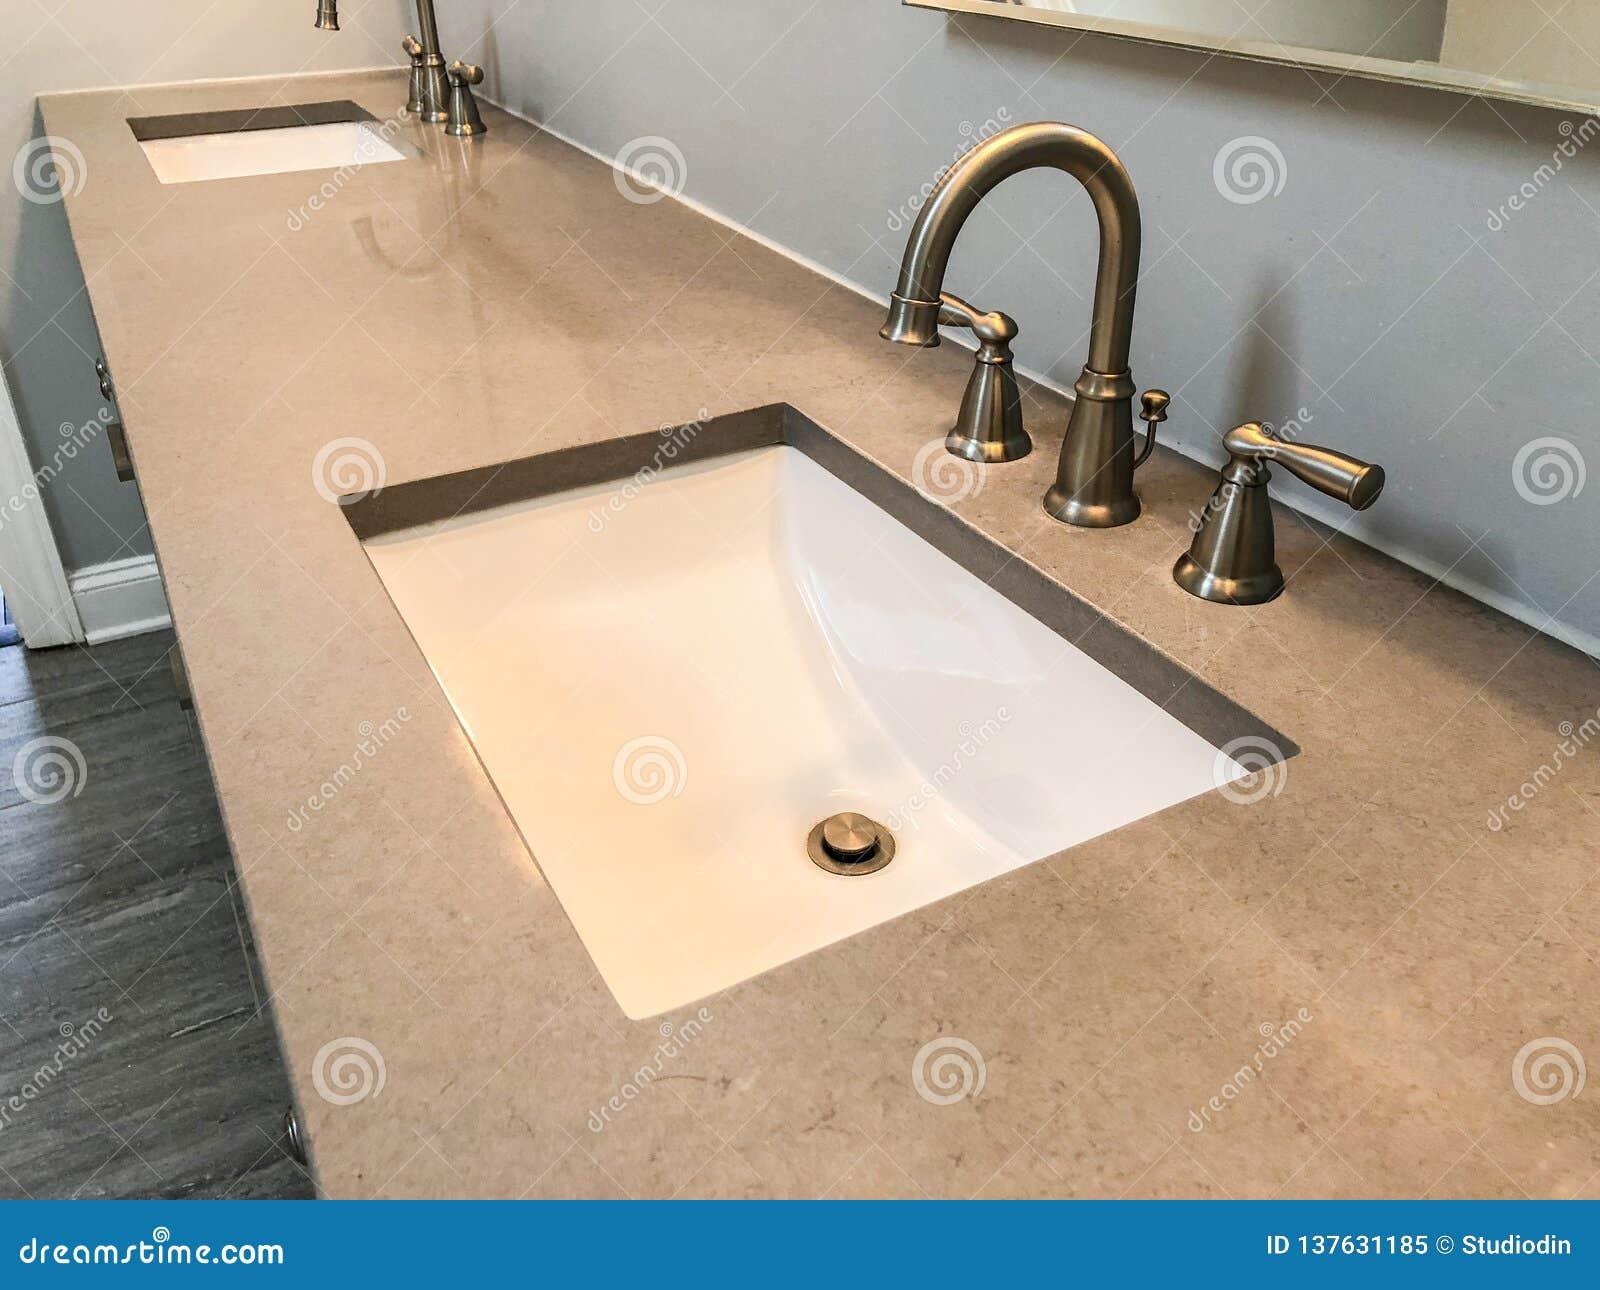 Salle de bains moderne avec la partie supérieure du comptoir de quartz, deux éviers et les robinets avec le plancher en pierre